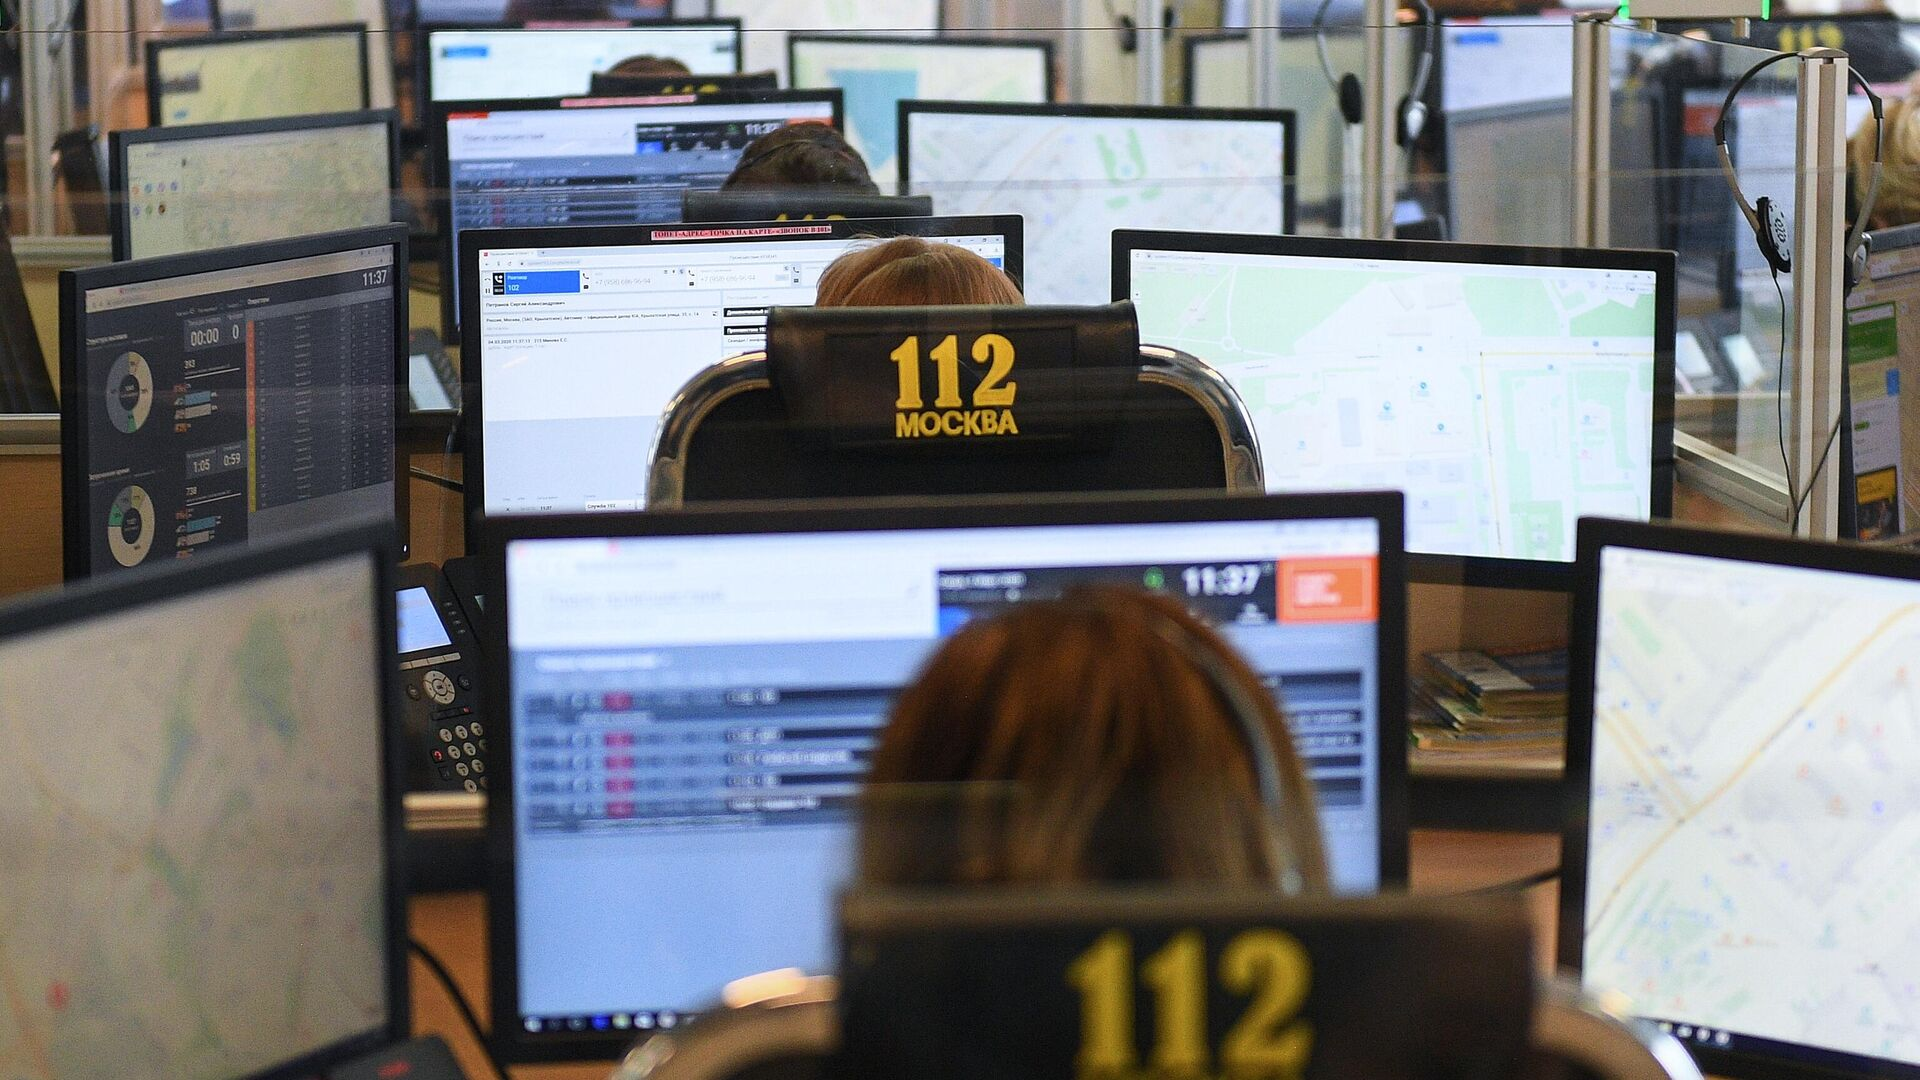 Специалисты по приему и обработке экстренных вызовов по единому номеру 112 в колл-центре ГКУ Система 112 в Москве - РИА Новости, 1920, 06.03.2020